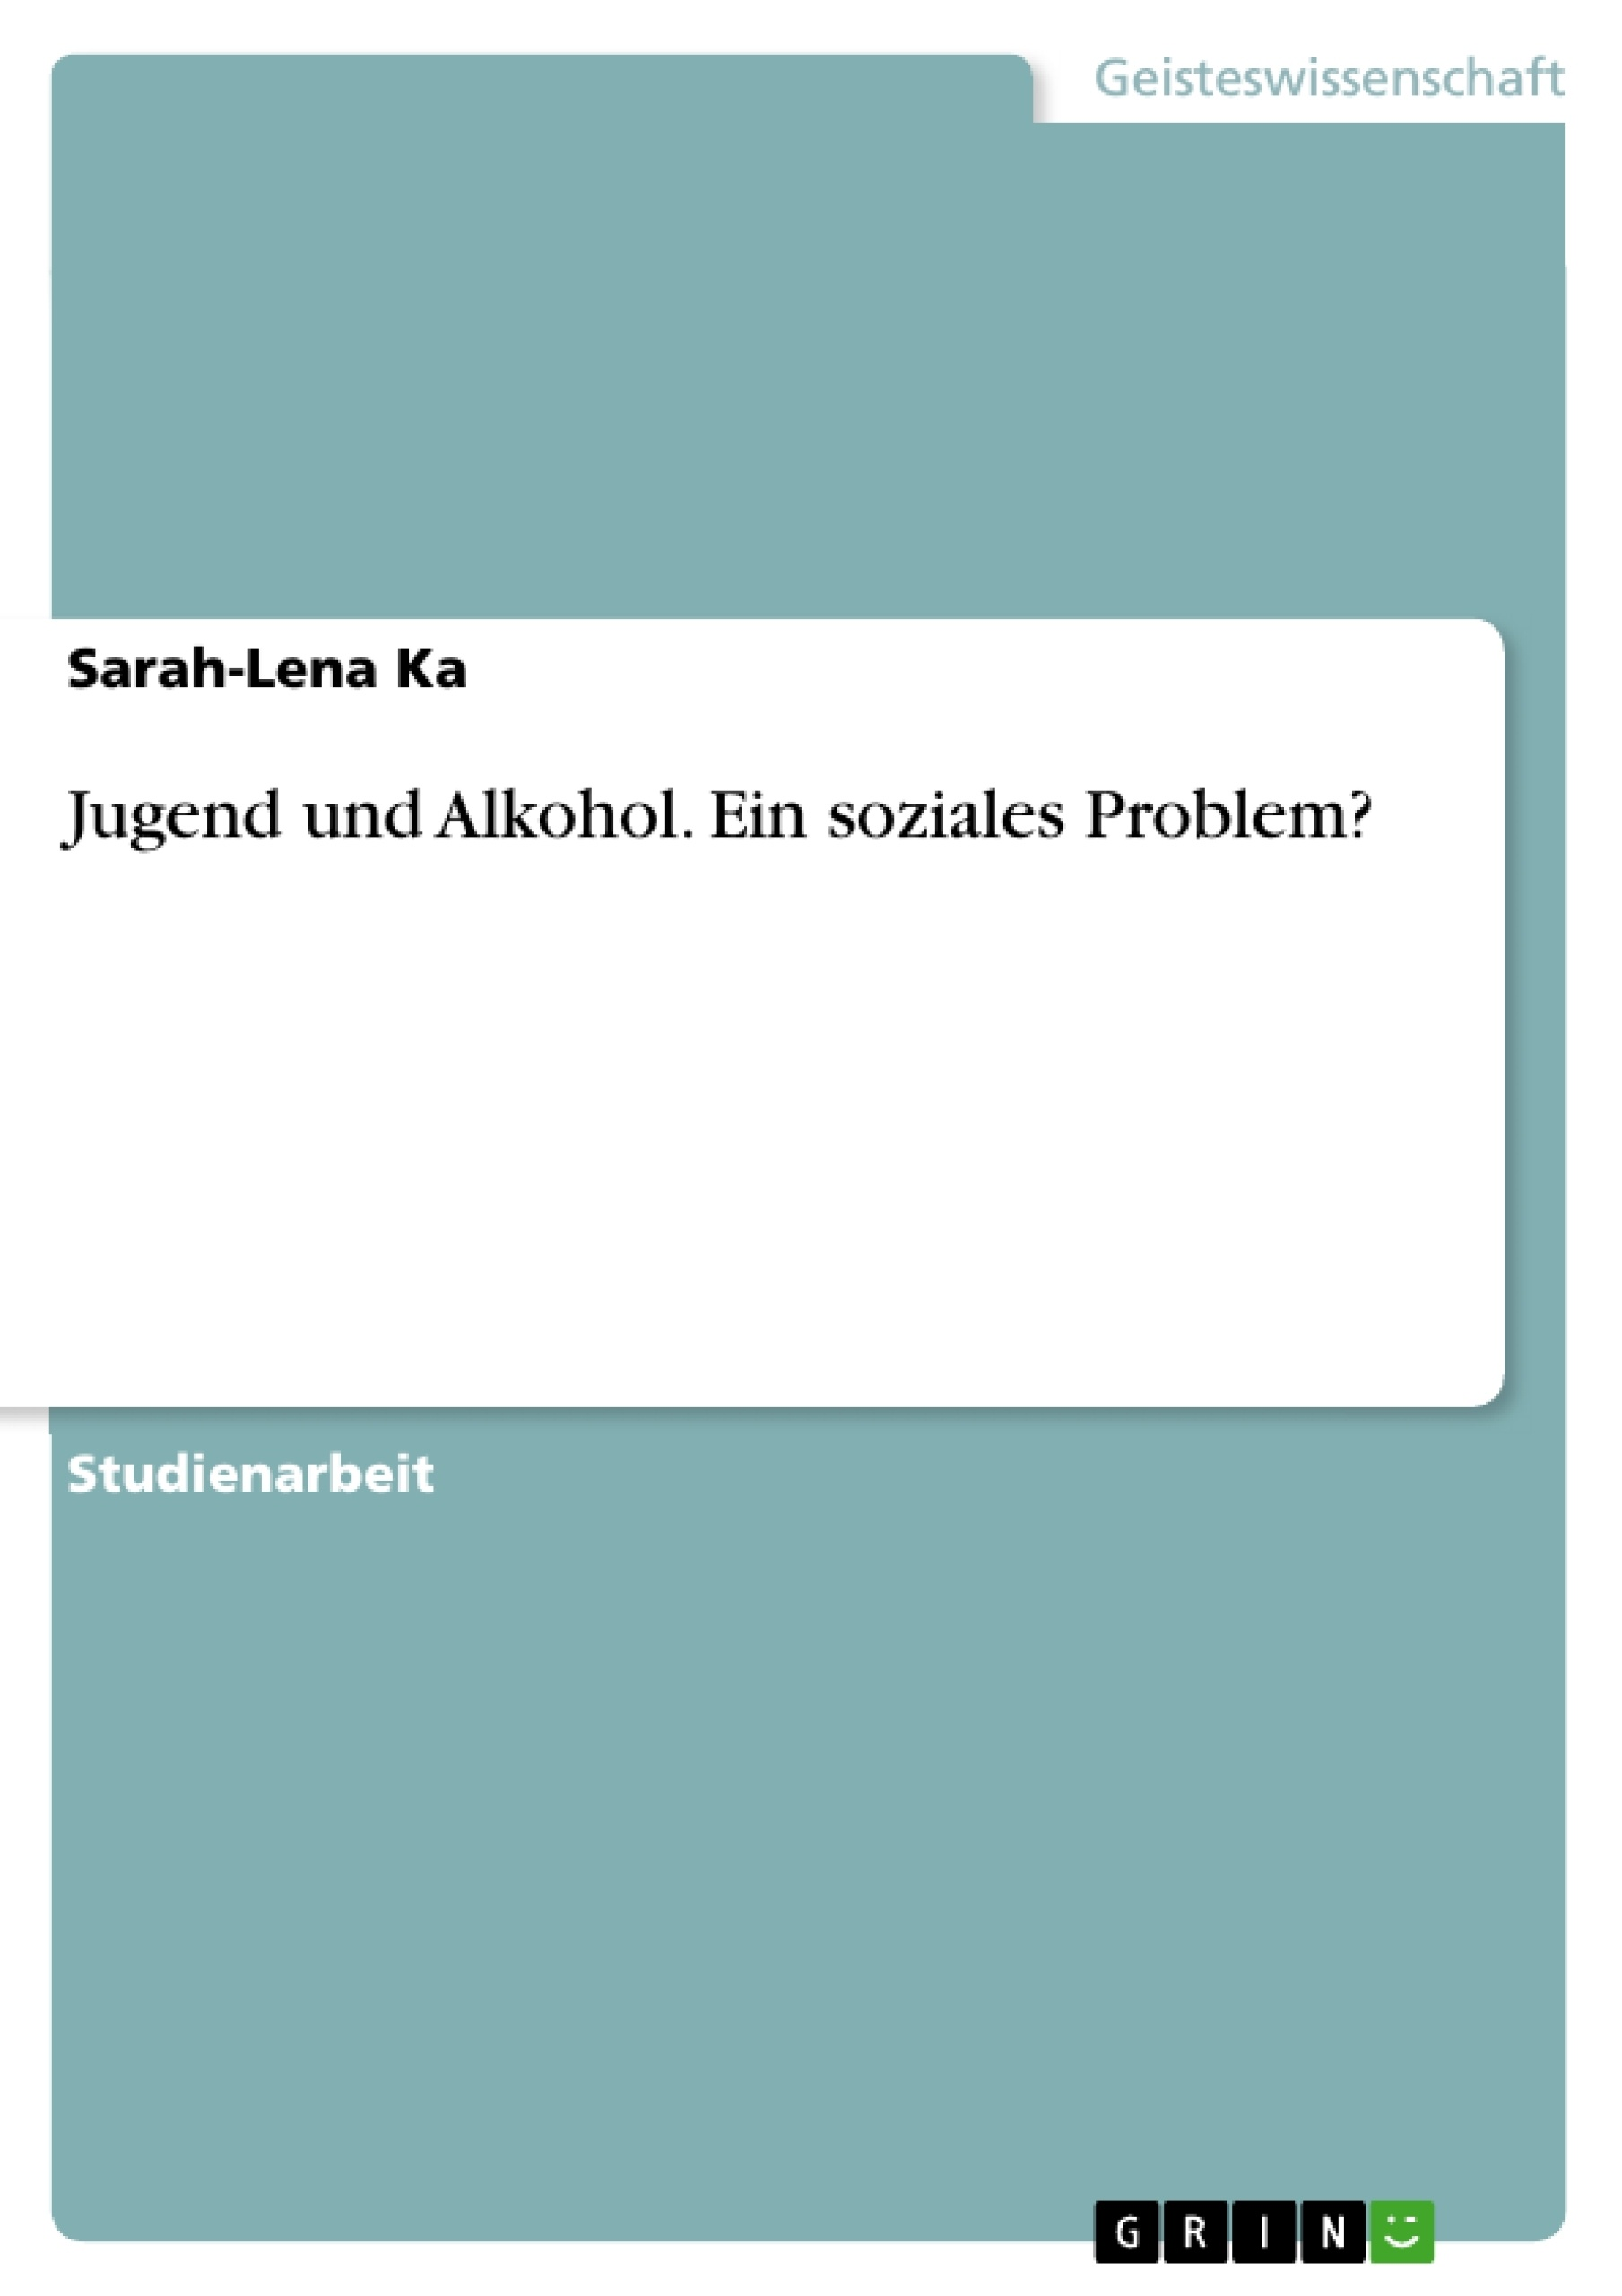 Titel: Jugend und Alkohol.  Ein soziales Problem?